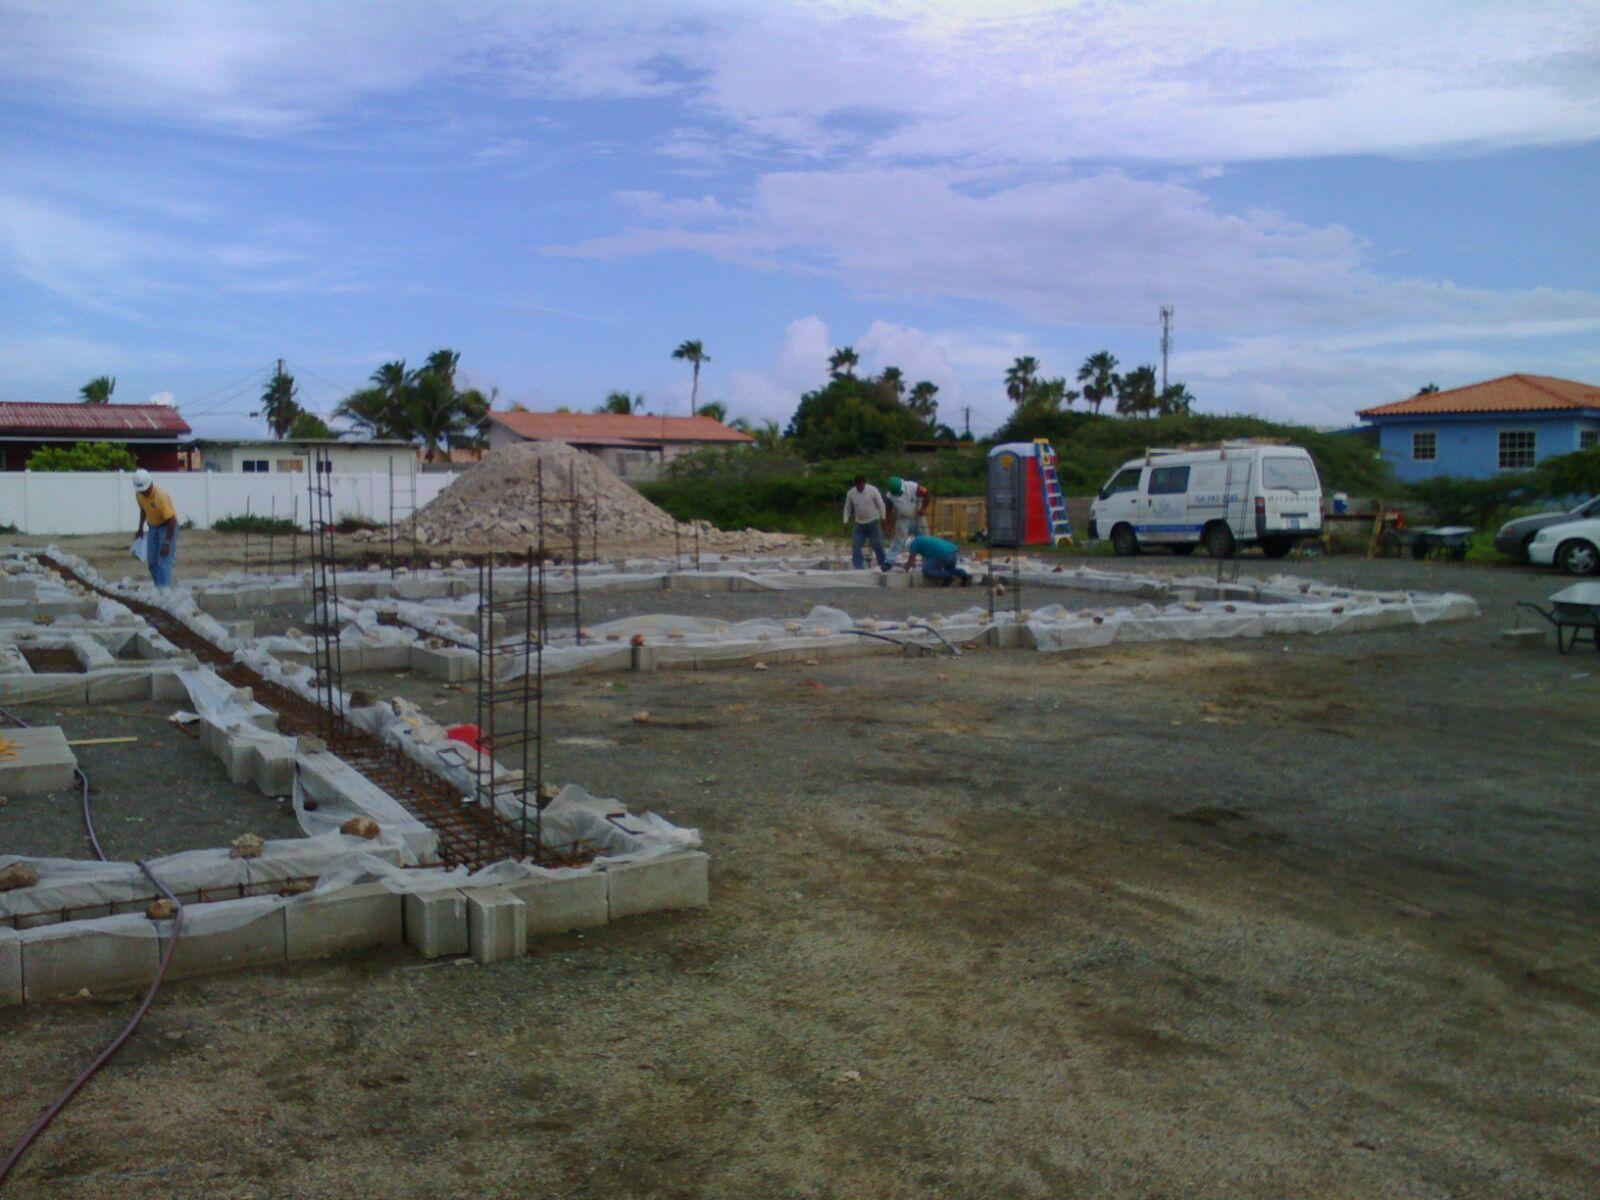 De belevenissen van de Familie Fingal op Aruba: Bouwproject Ruby ...